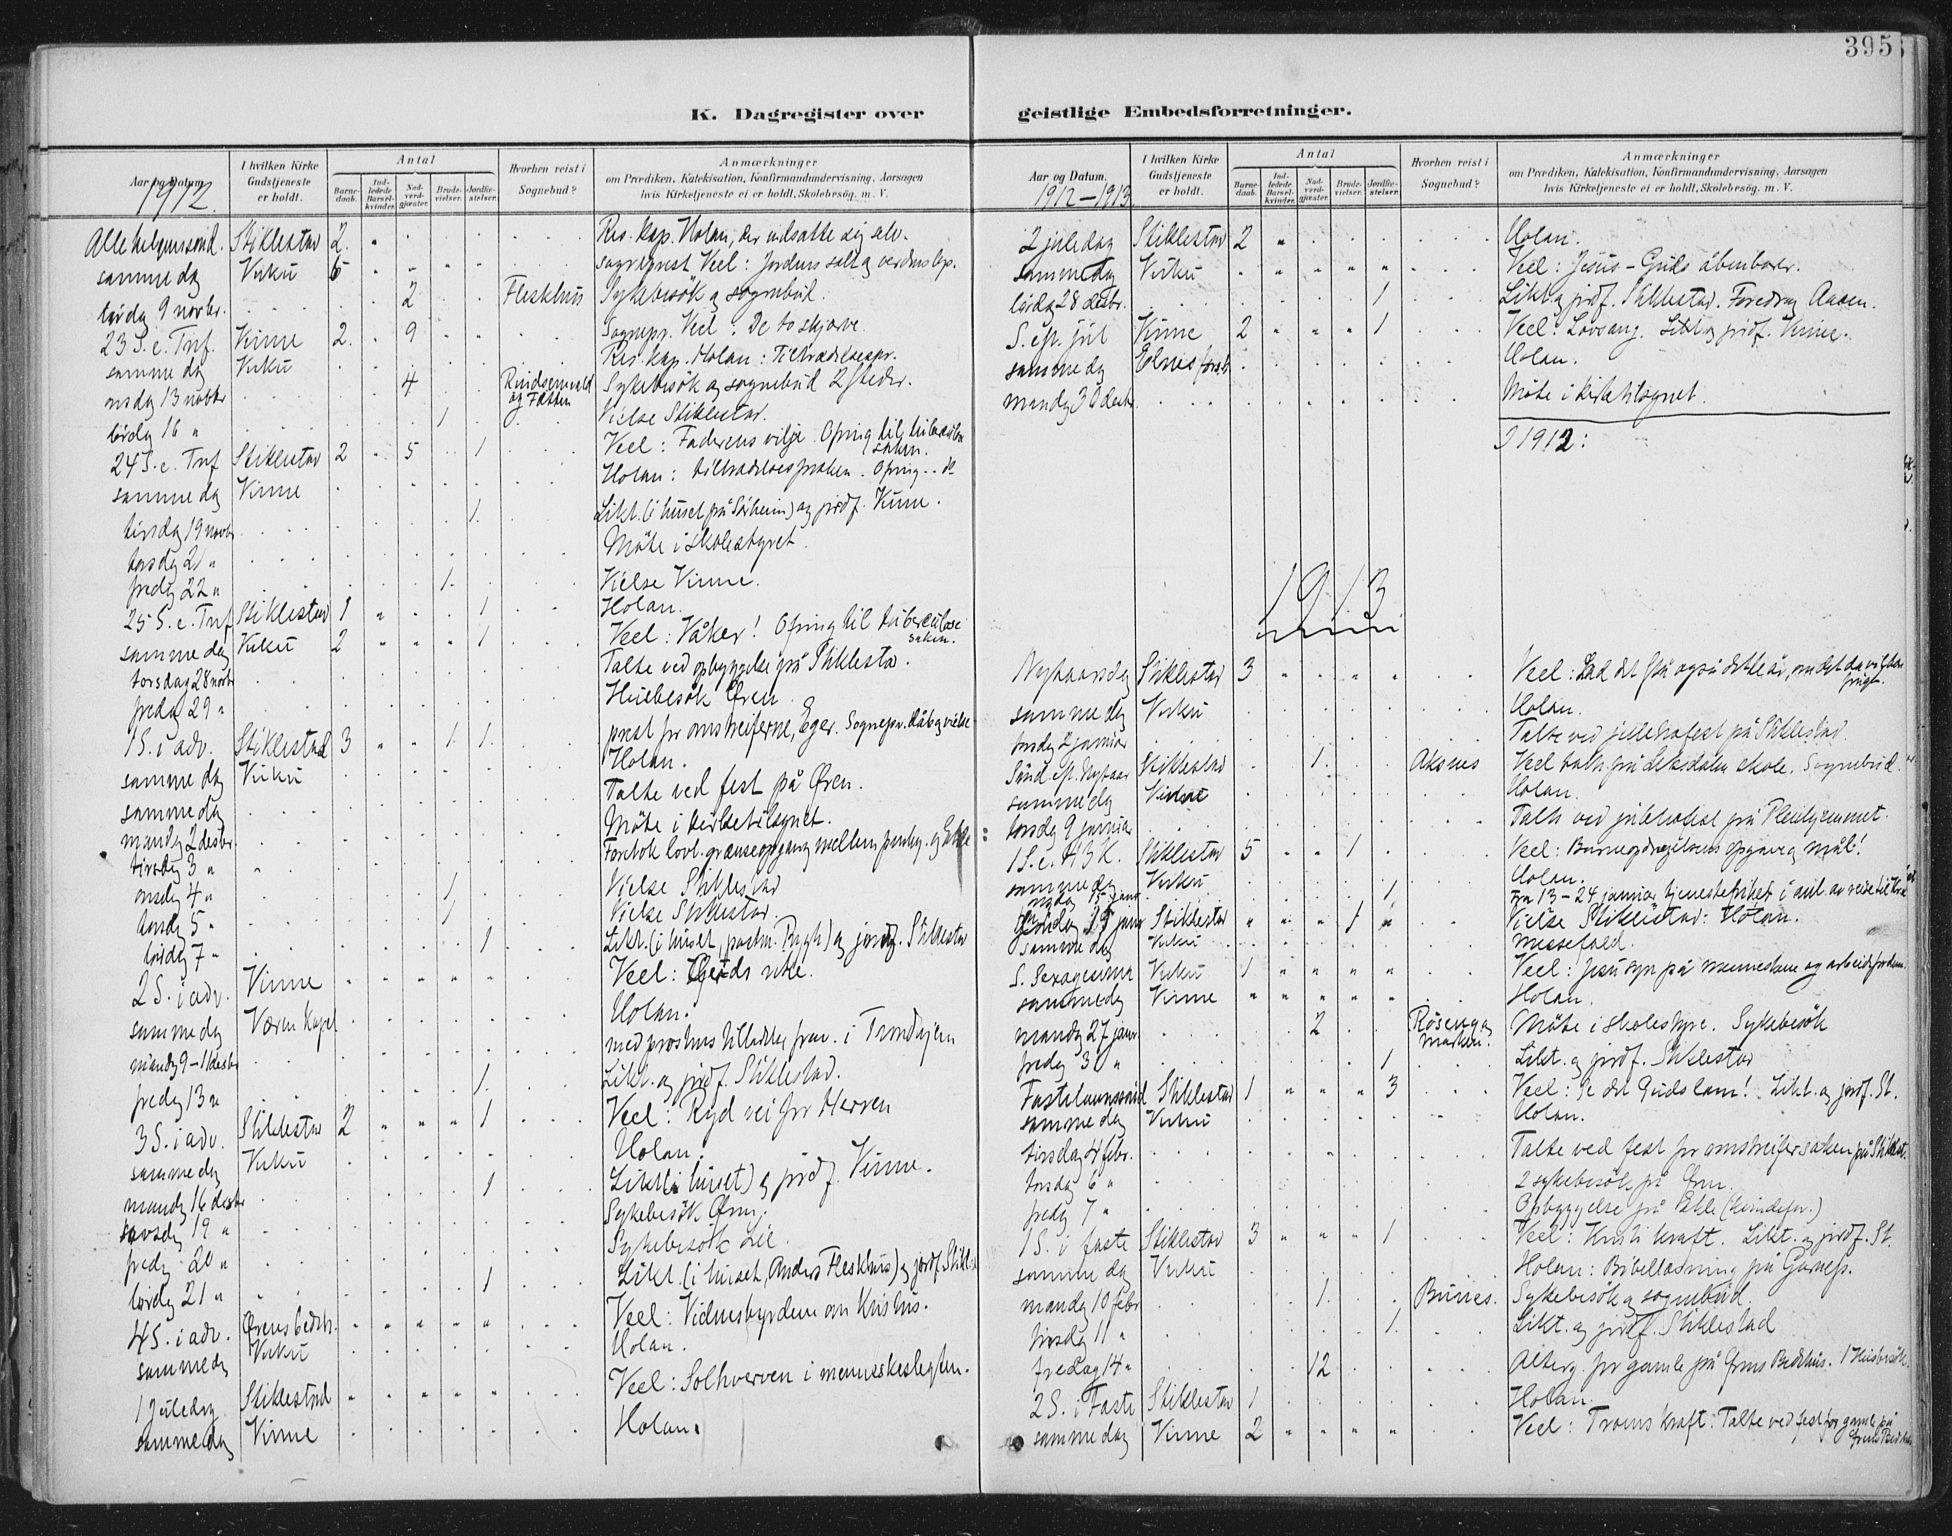 SAT, Ministerialprotokoller, klokkerbøker og fødselsregistre - Nord-Trøndelag, 723/L0246: Ministerialbok nr. 723A15, 1900-1917, s. 395